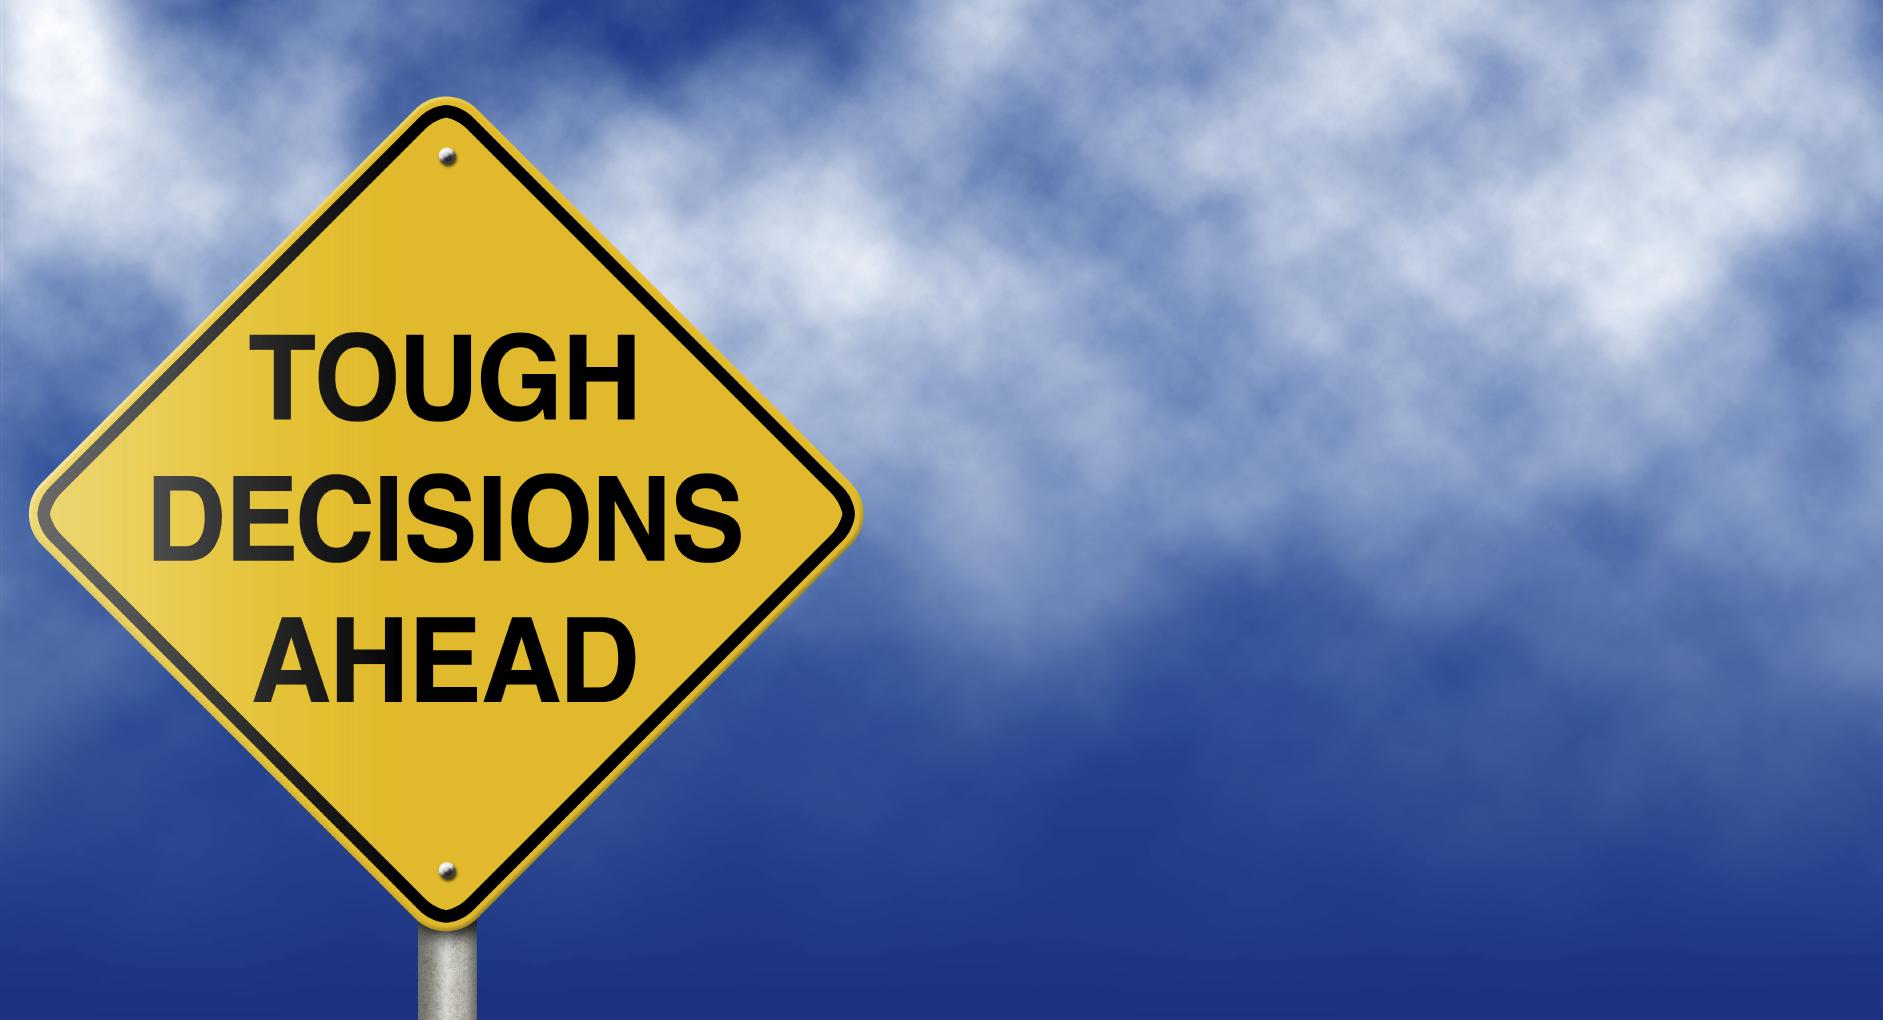 Future clipart right decision. Free economic cliparts download